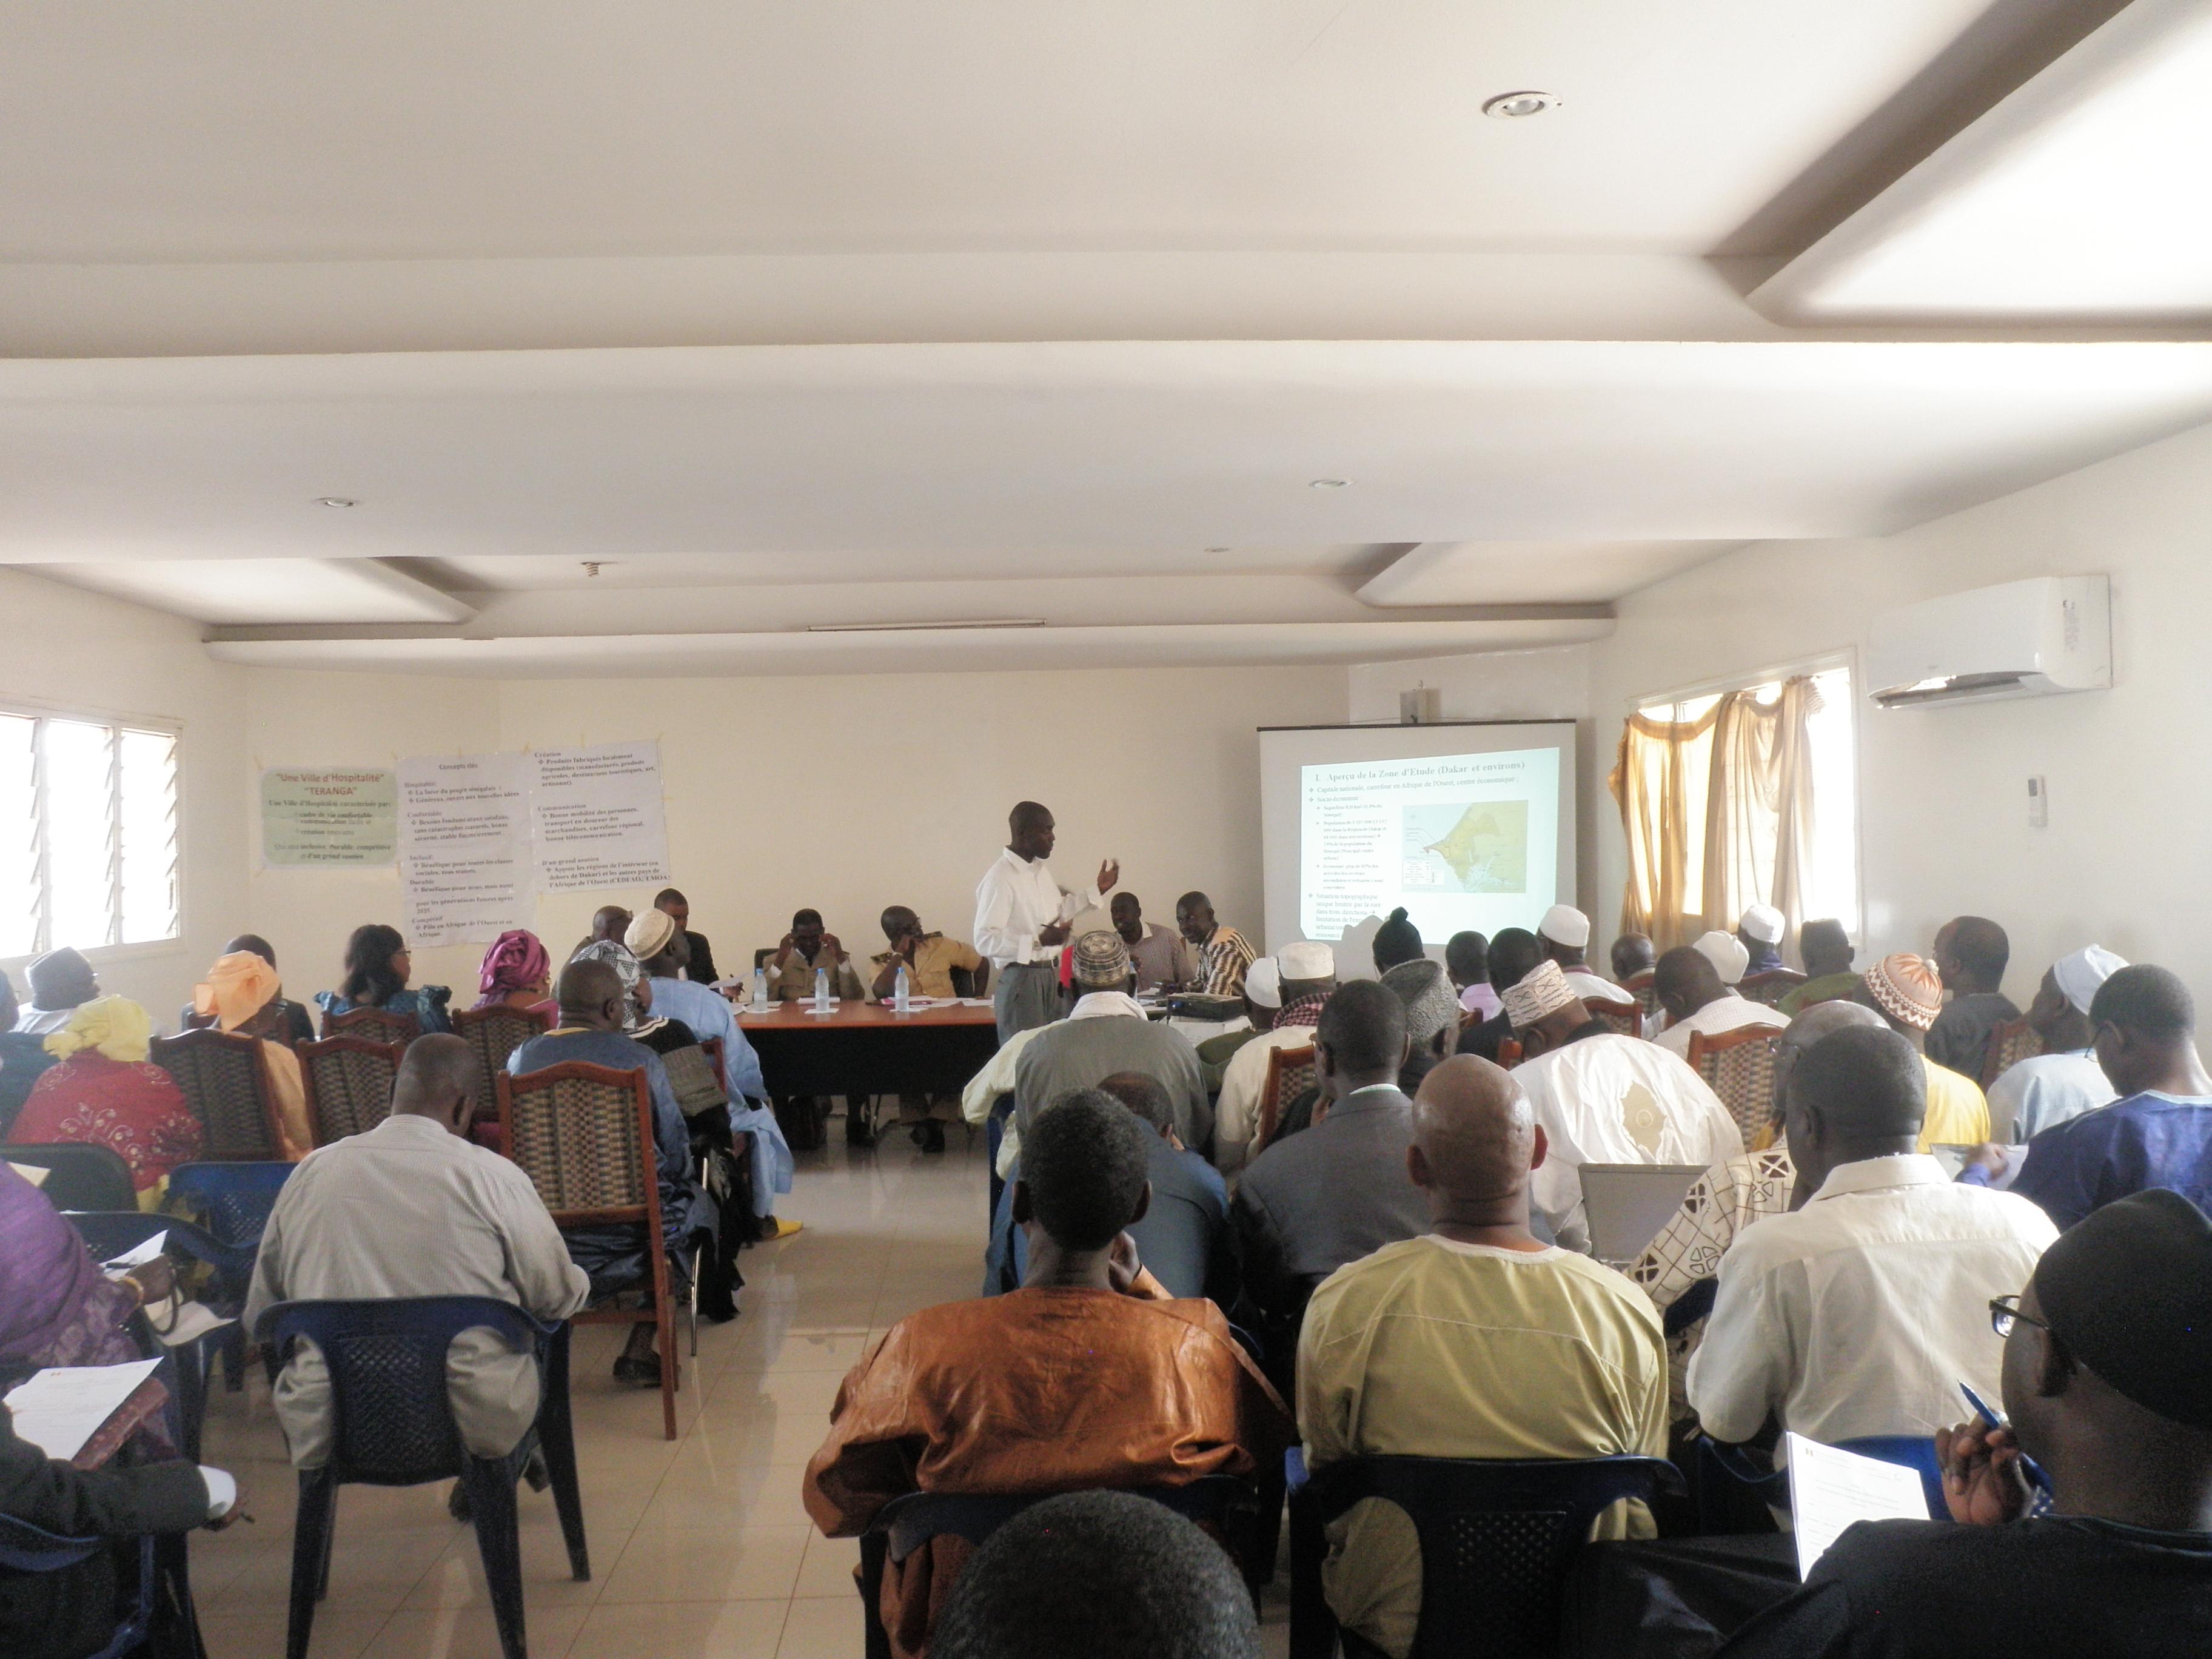 ダカールの住民代表者との協議。セネガル政府のカウンターパート職員が、マスタープランの計画方針を地元関係者に説明しています。